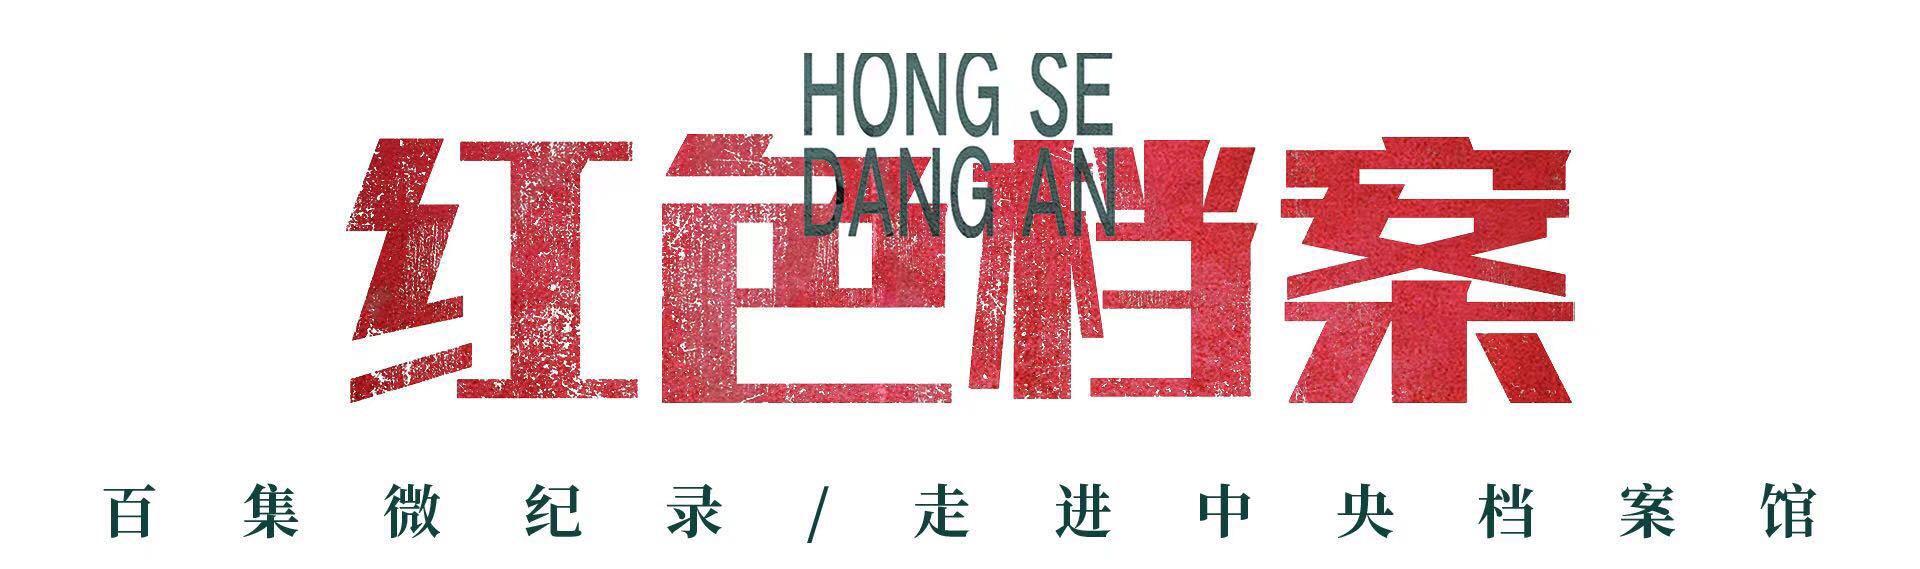 青岛易房网_北京三维地图_奥鹏学生登录平台